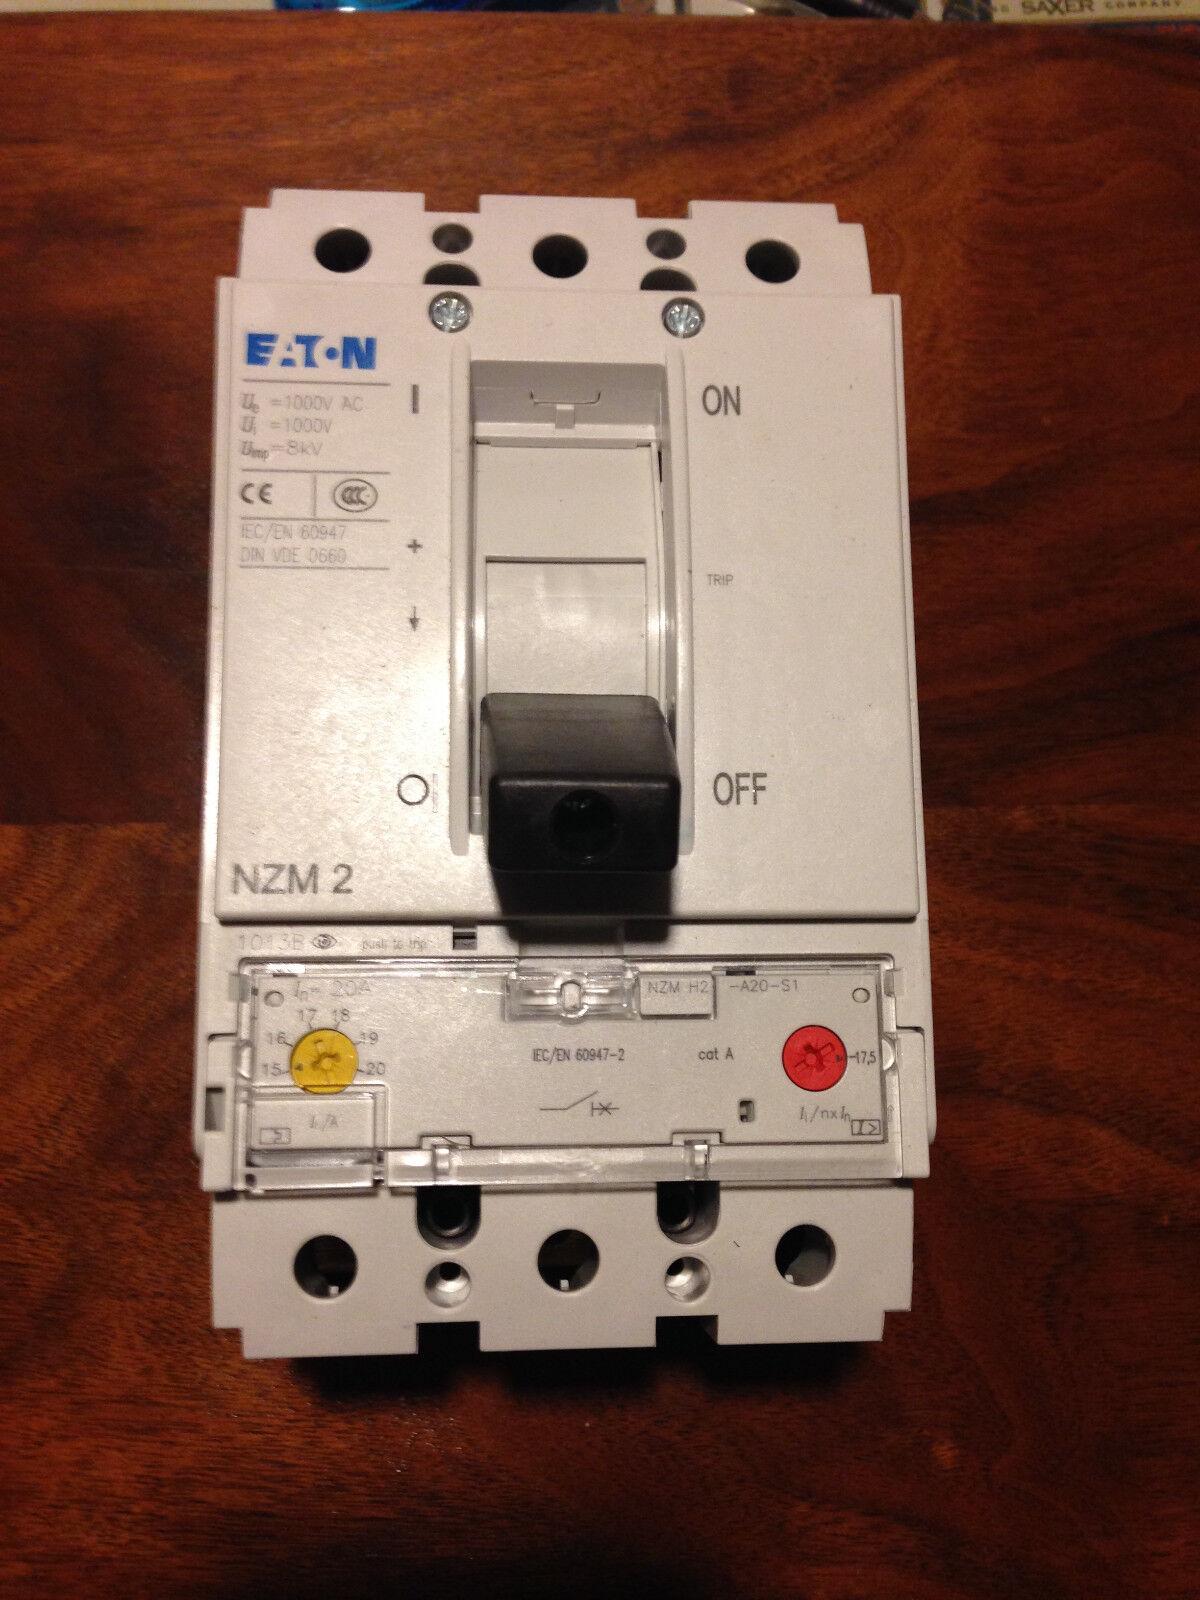 Eaton Klockner Moeller Nzmh2-a20-s1 1000v 20 Amp Circuit Breaker ...